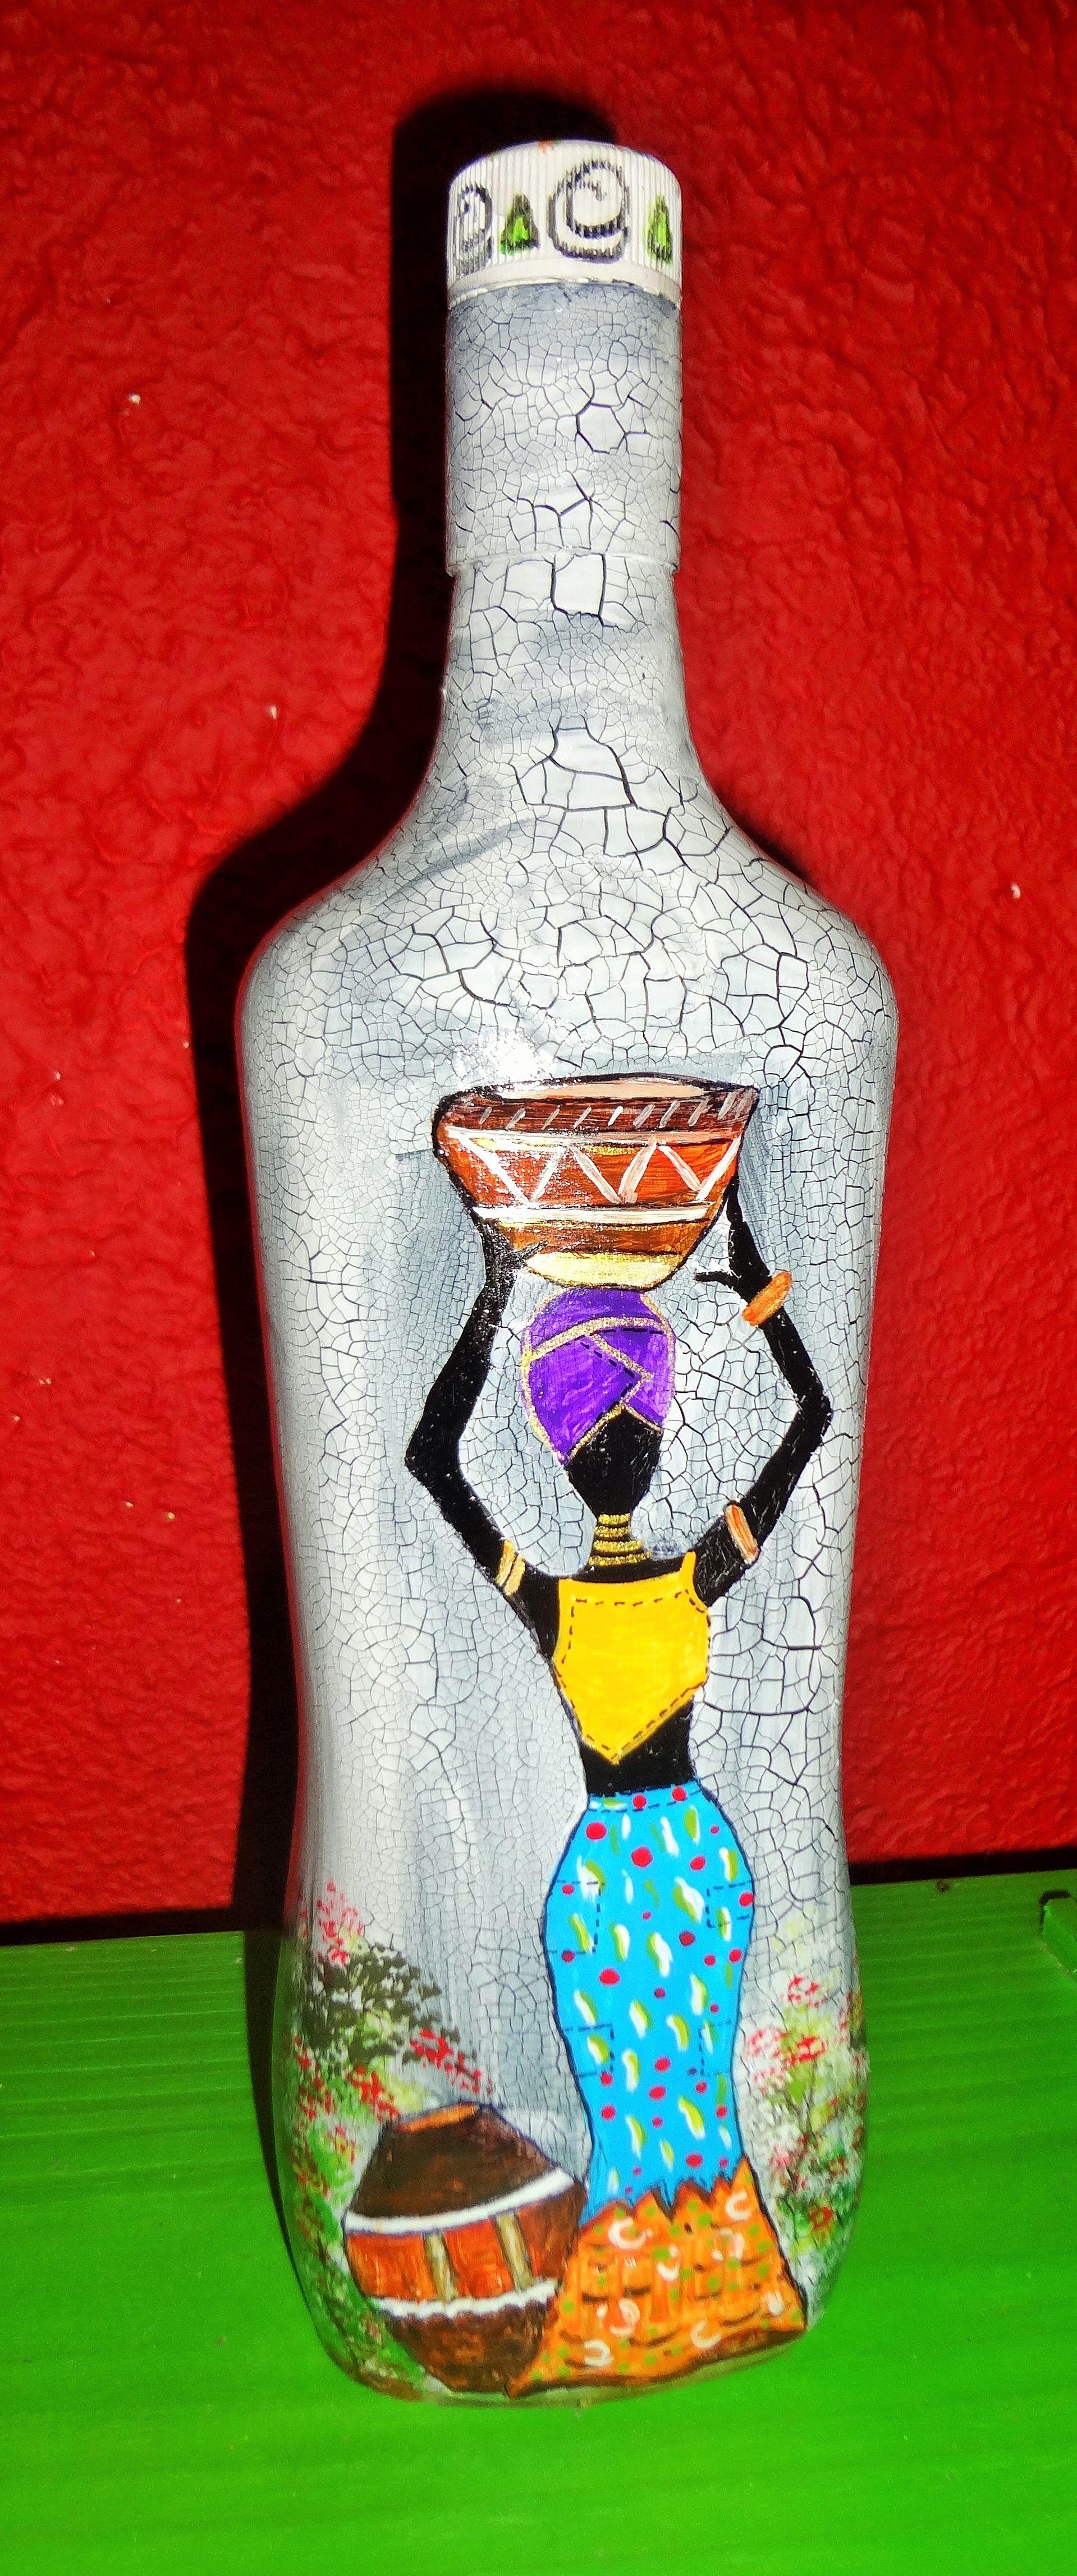 Pin By Leide On Pintar Sobre Tela Bottle Art Bottle Crafts Wine Bottle Crafts